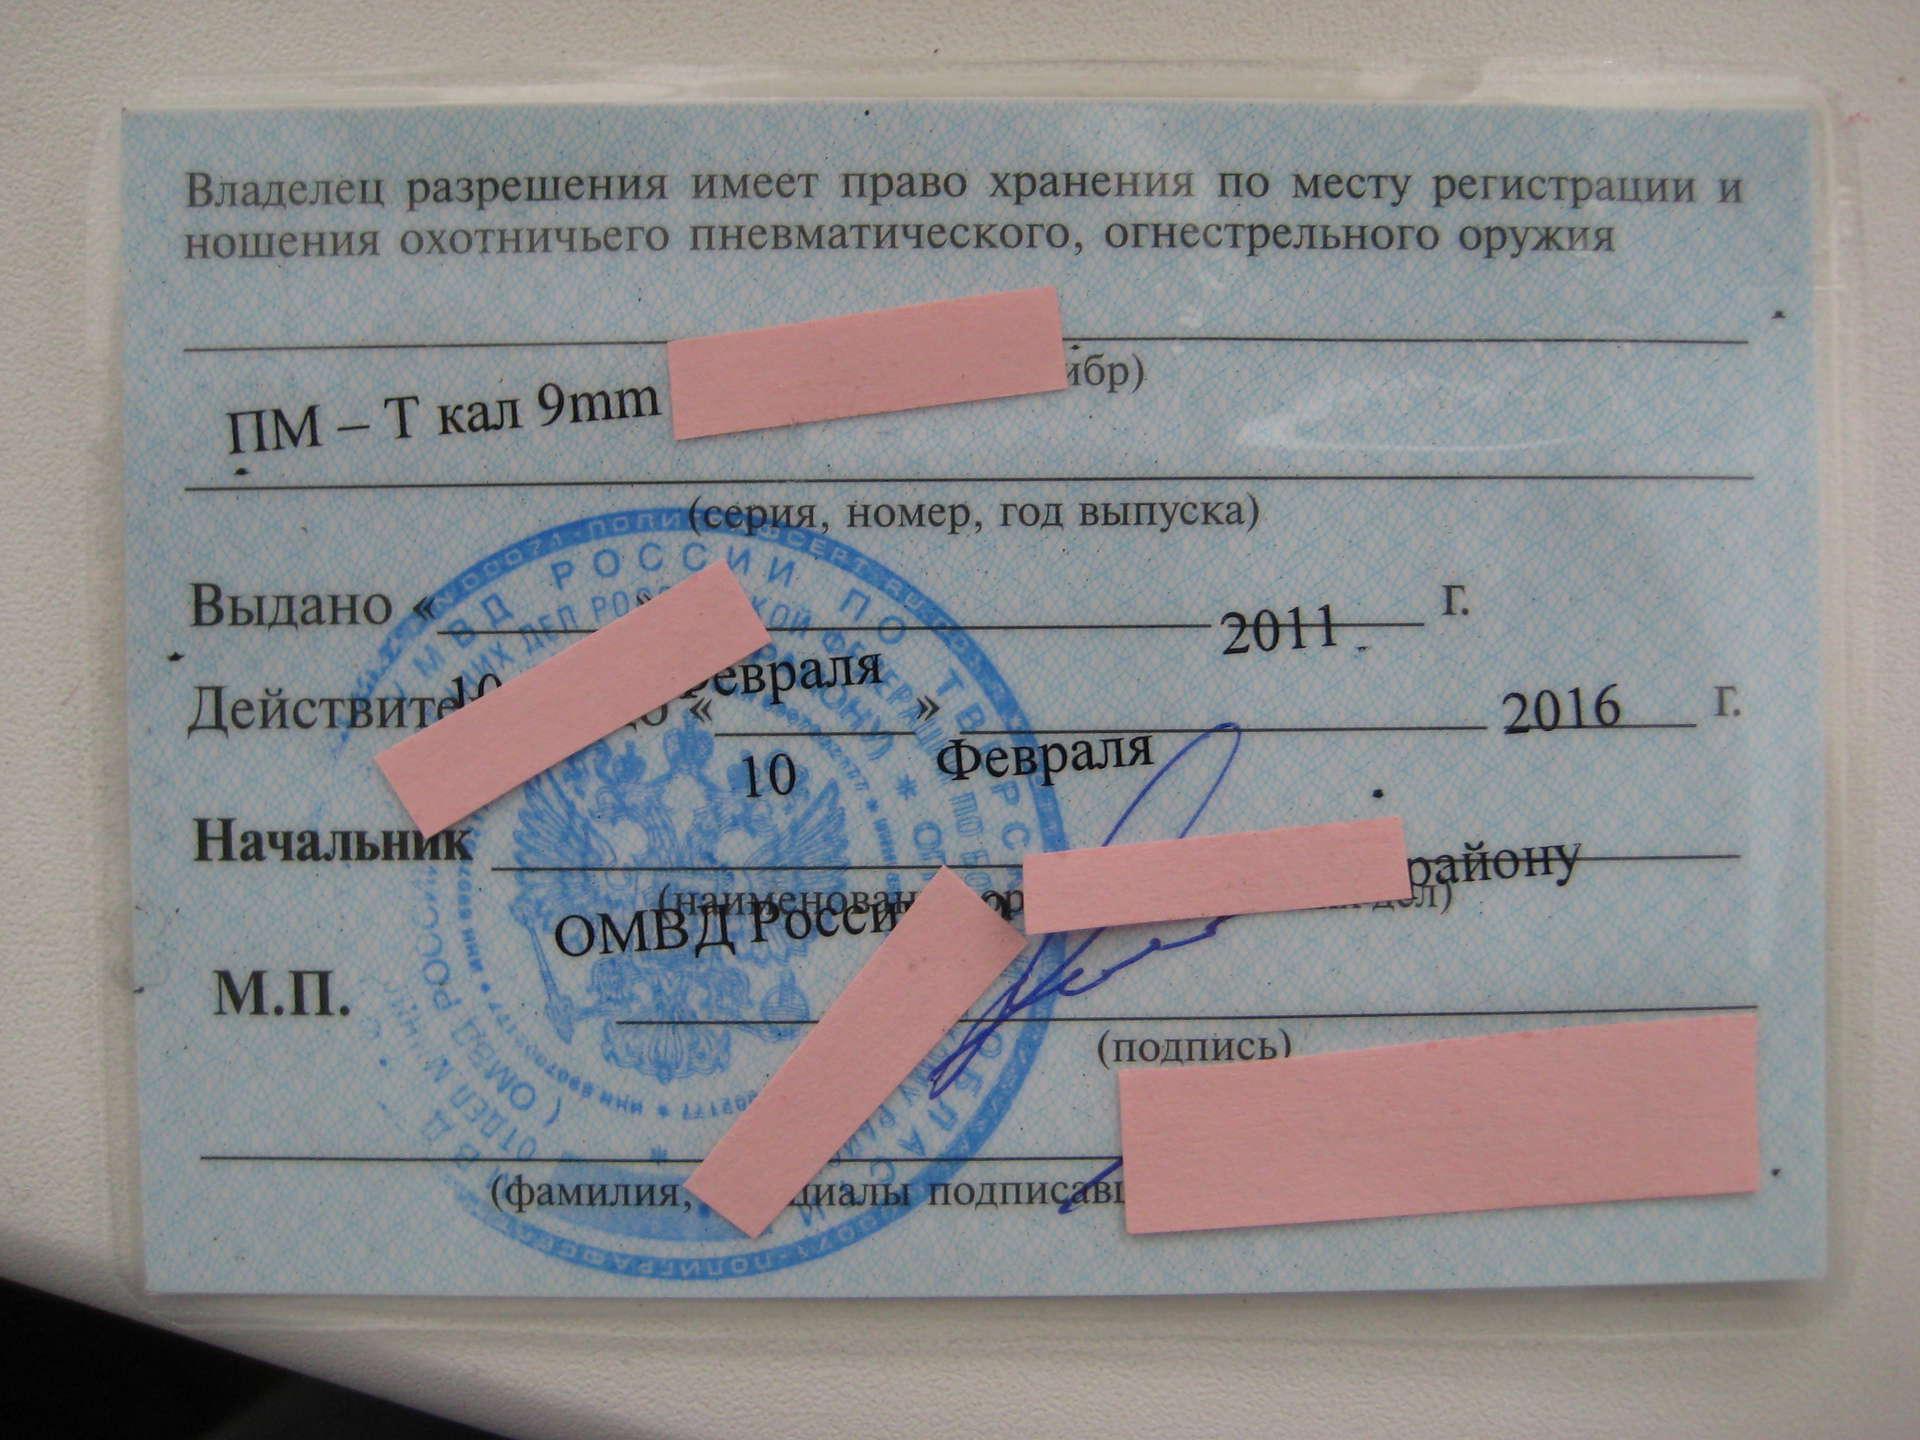 Документы подтверждающие факт совершения платежа